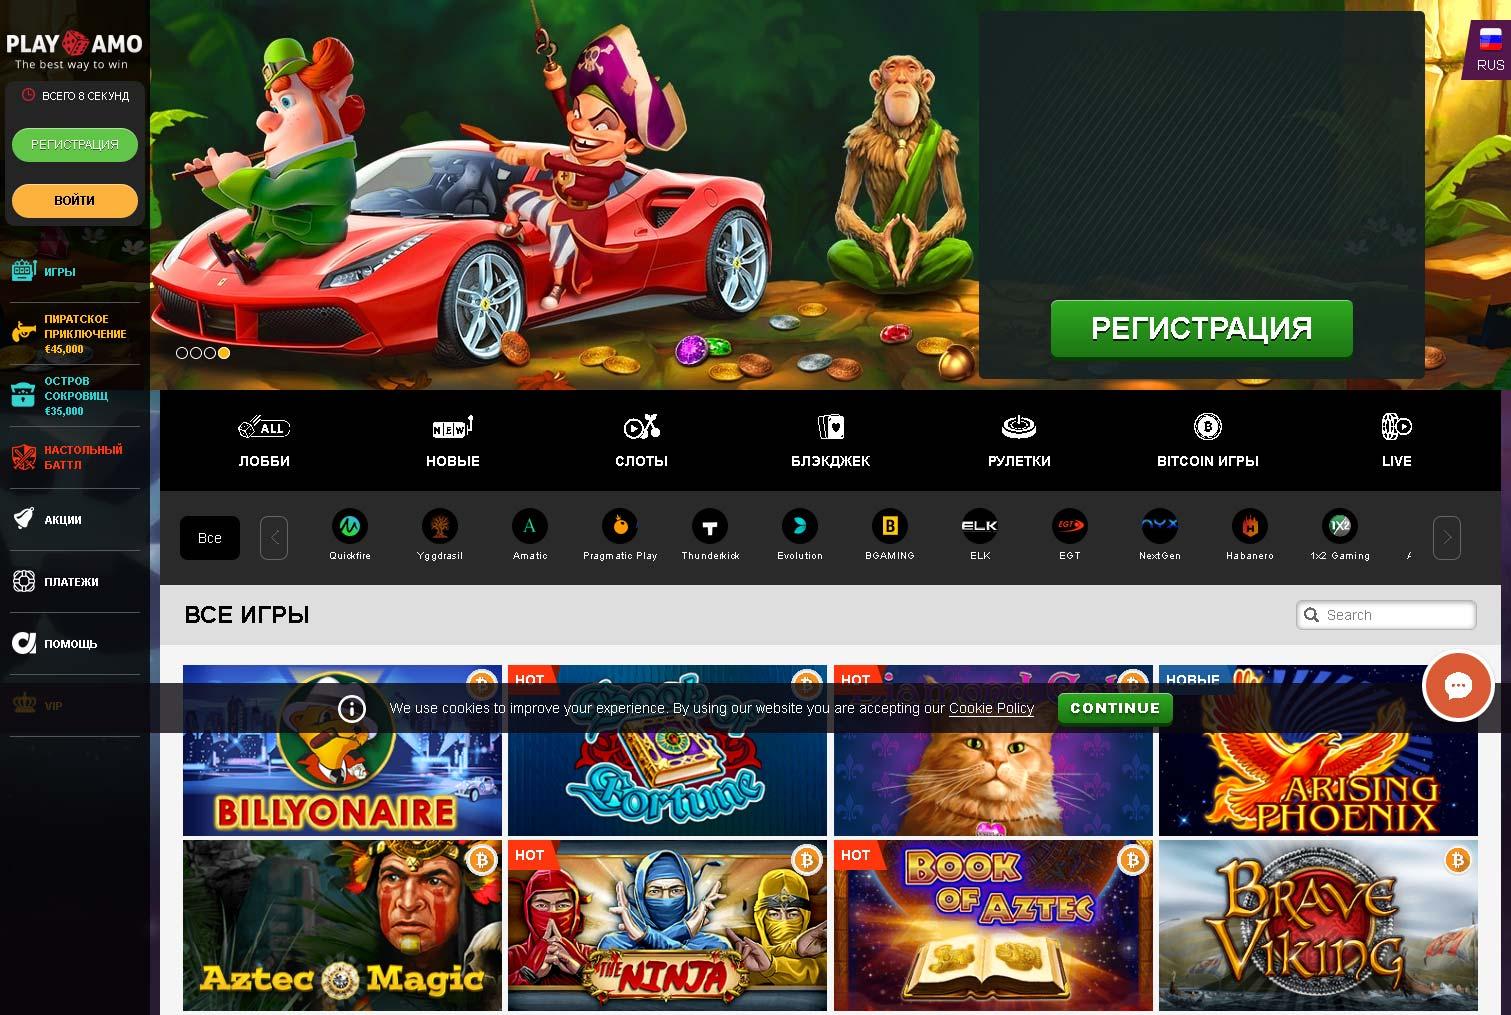 казино плей амо официальный сайт регистрация